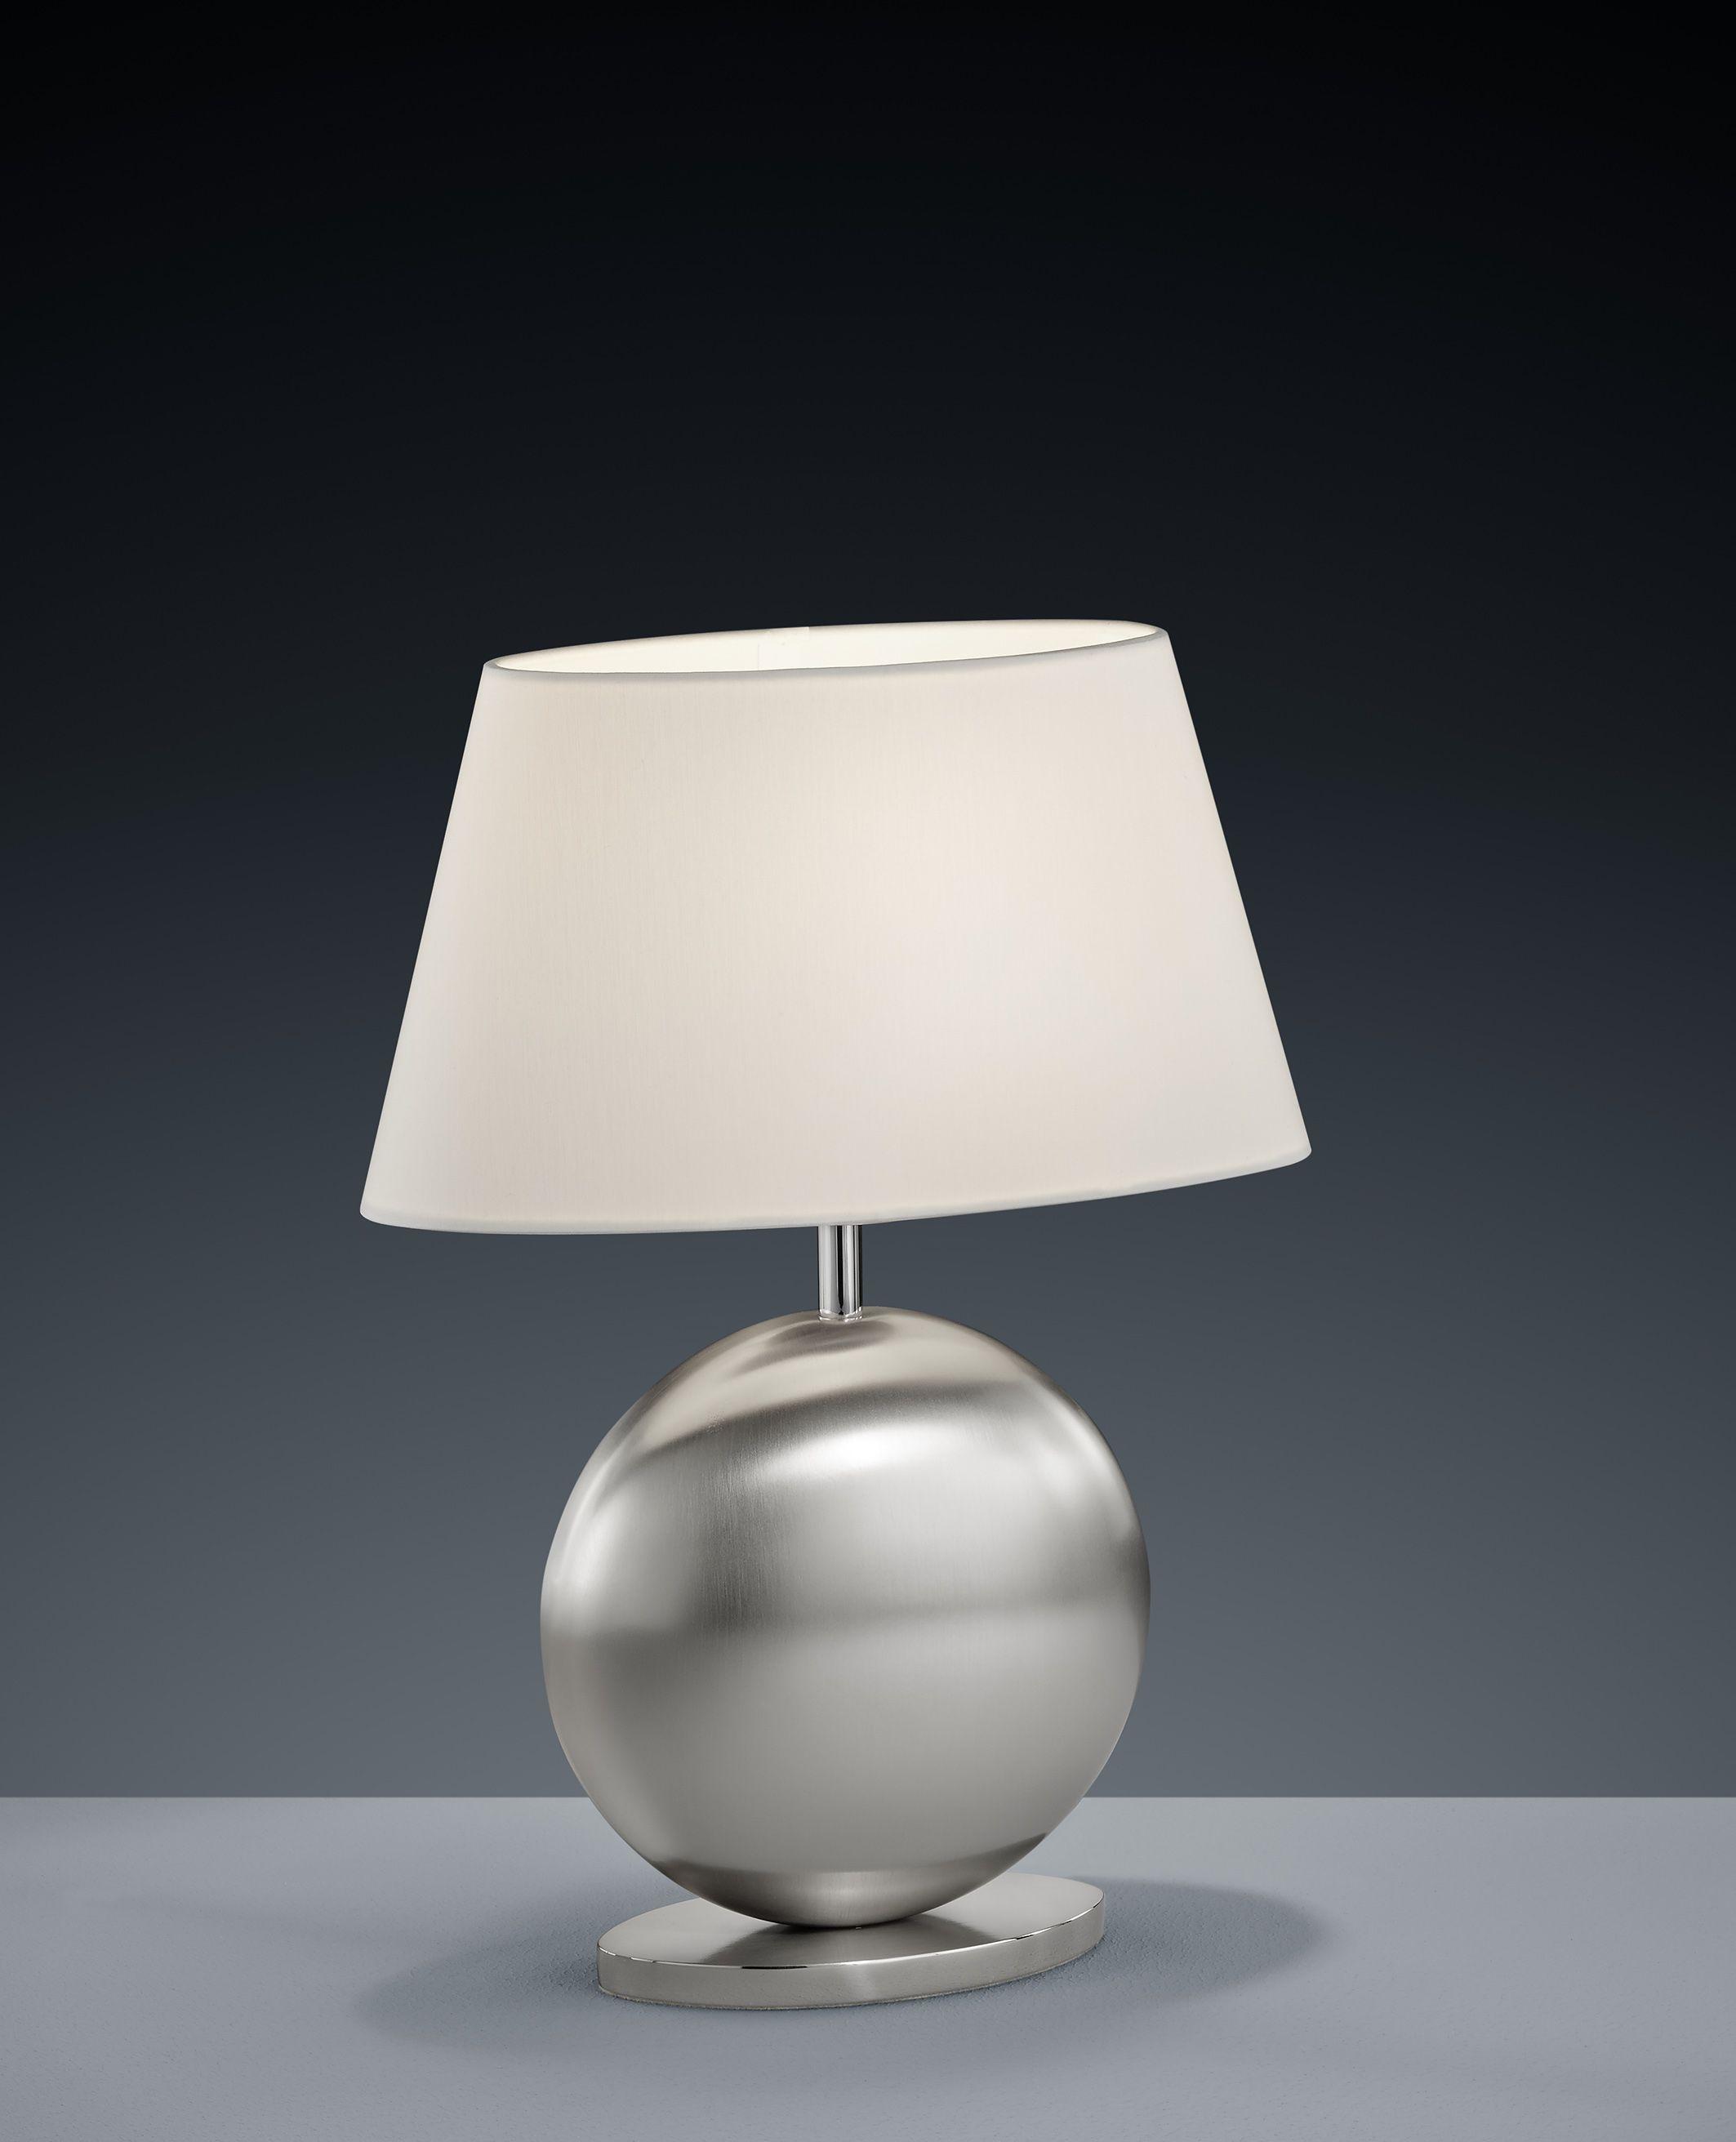 BANKAMP Leuchtenmanufaktur Artikel von BANKAMP Leuchtenmanufaktur Asolo Tischleuchte klein mit Schalter 5946/1-33